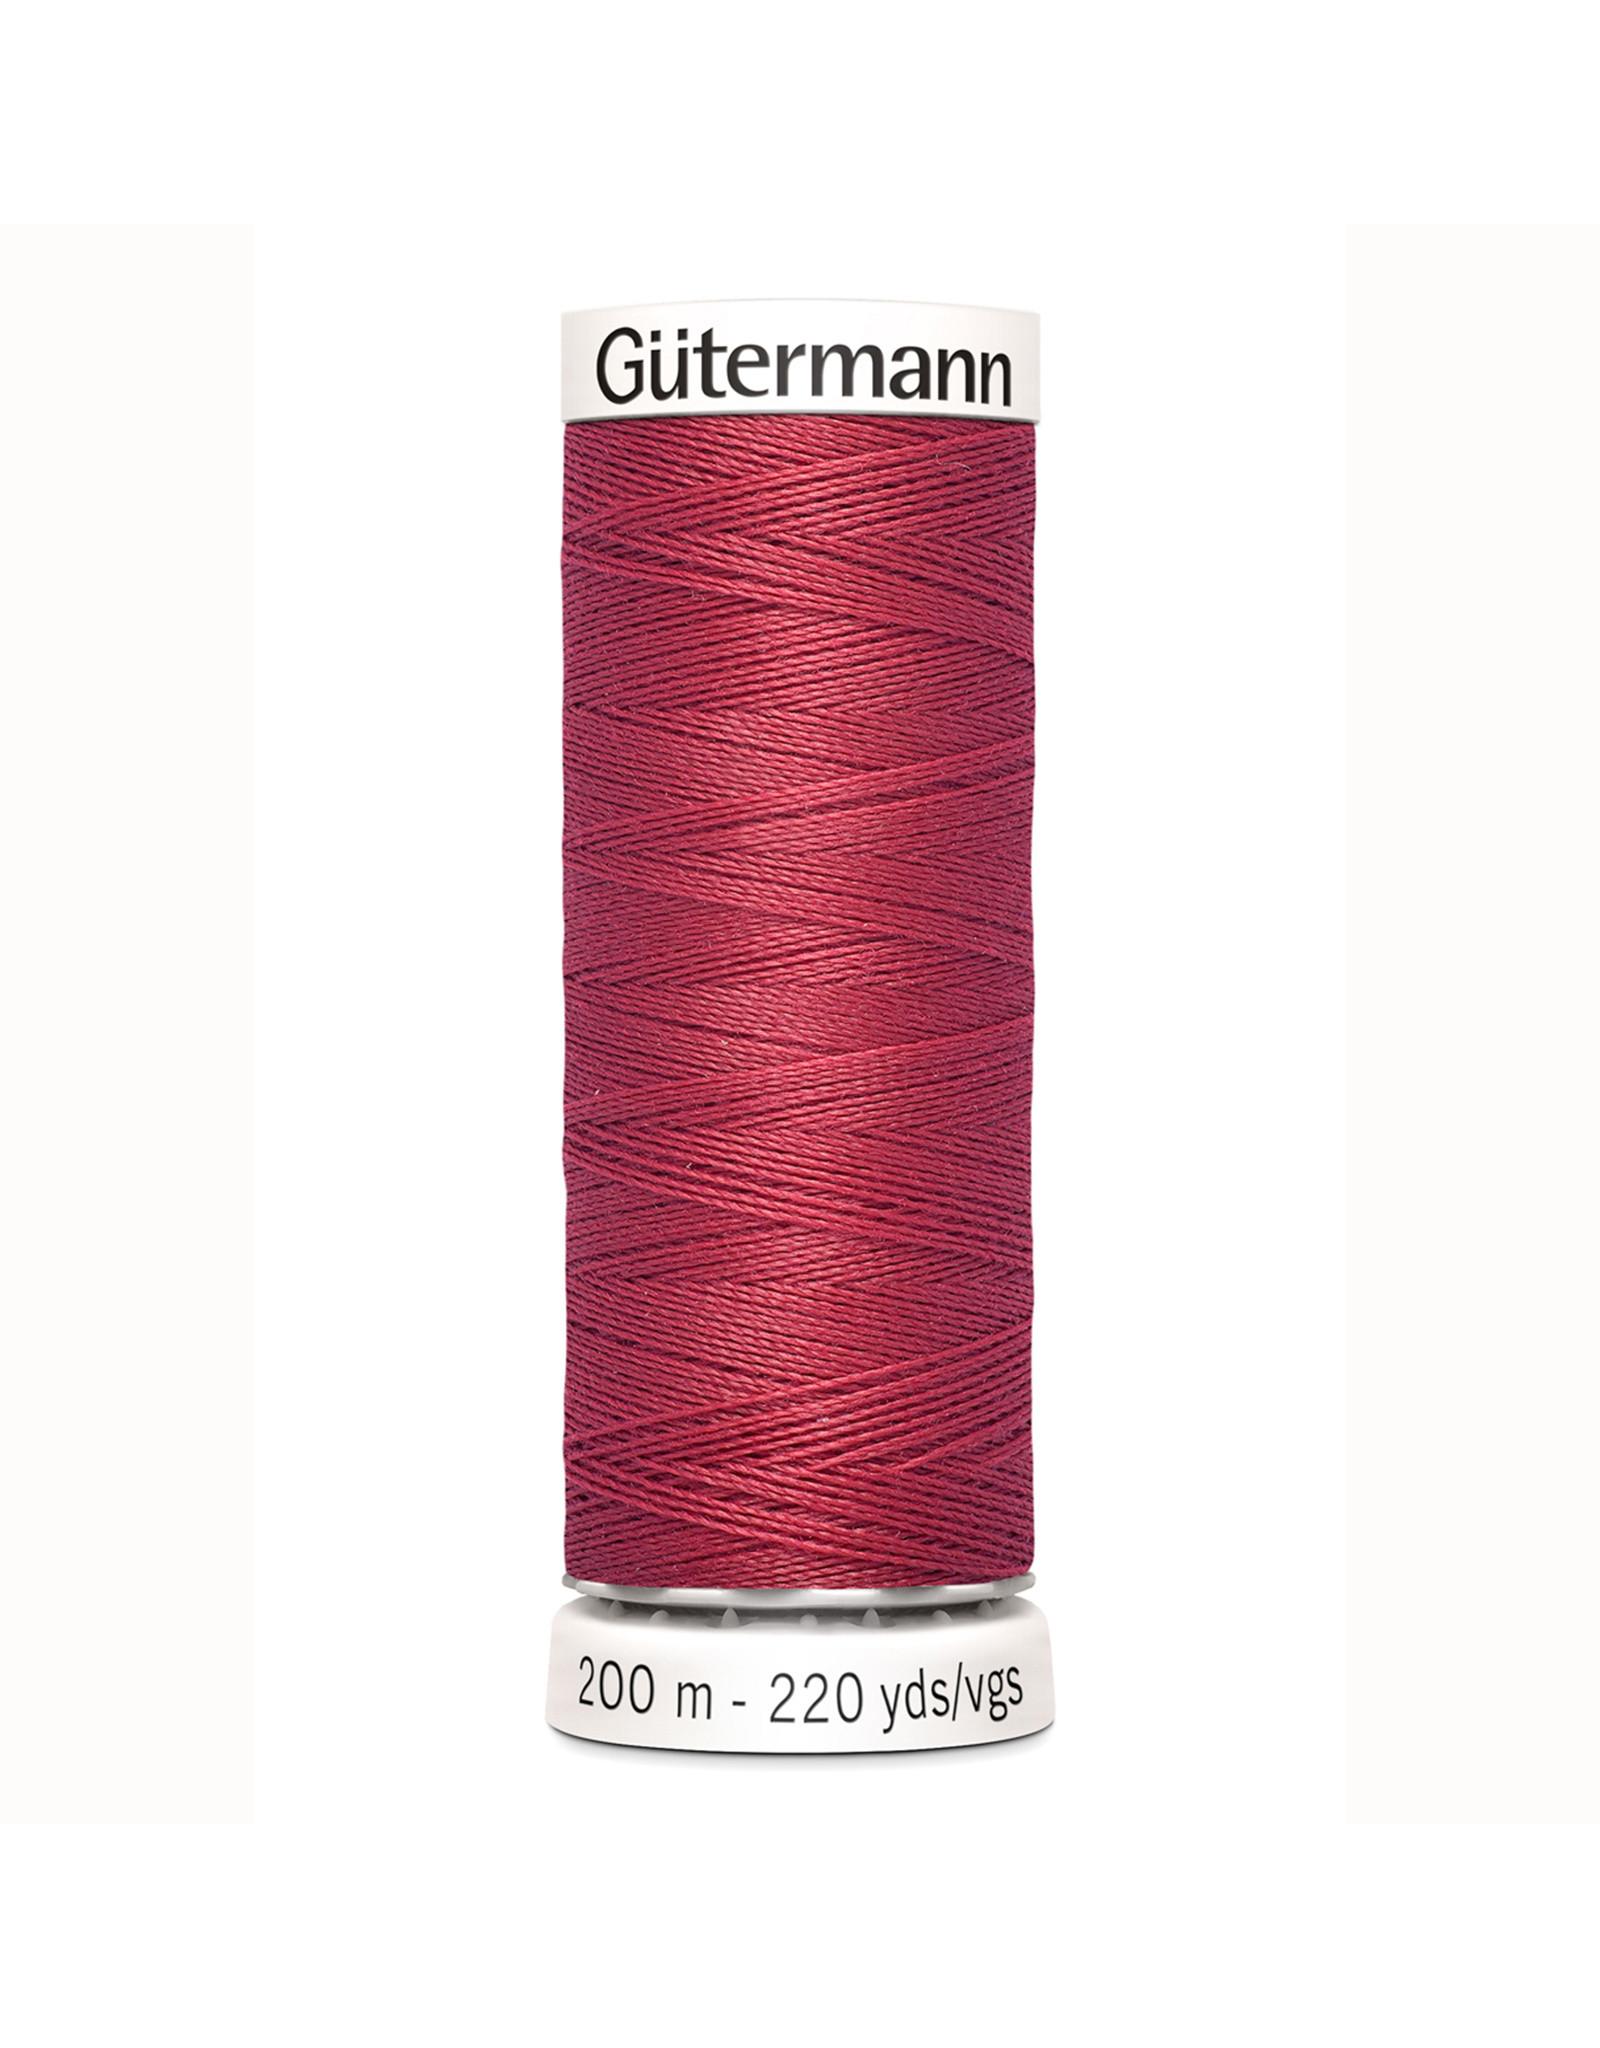 Gütermann Gütermann Nähgarn 200 m - nr 82